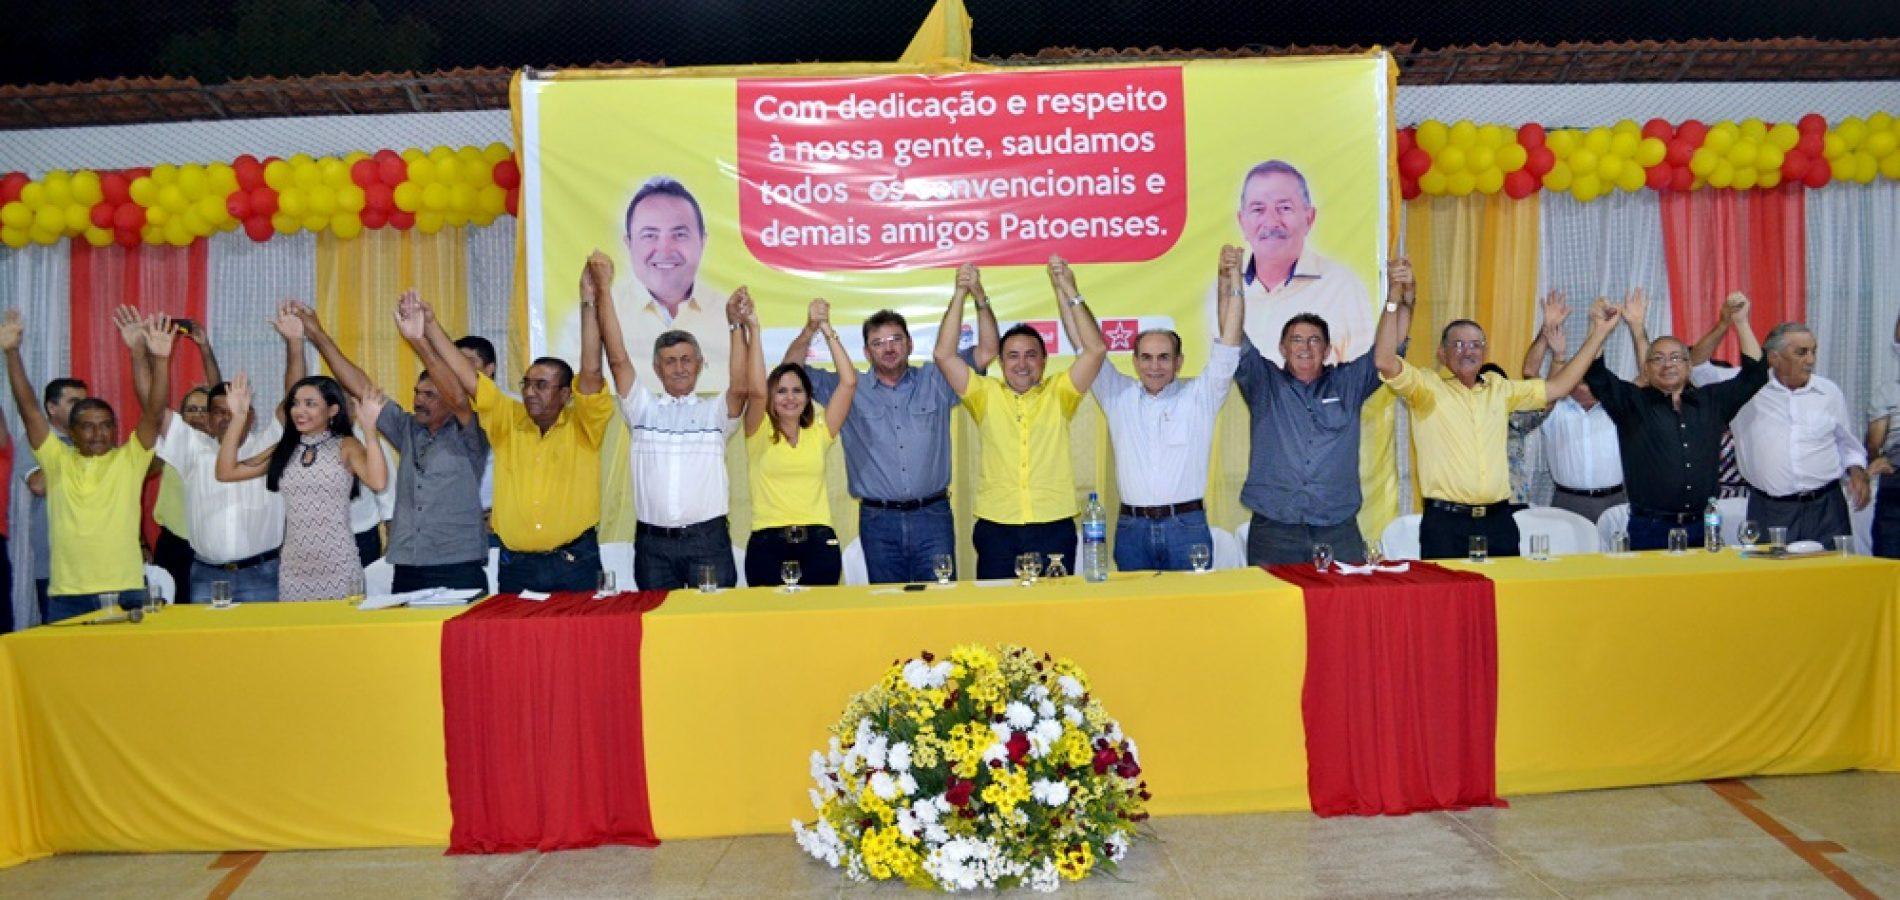 FOTOS | Convenção do PSB e outros 4 partidos em Patos do Piauí